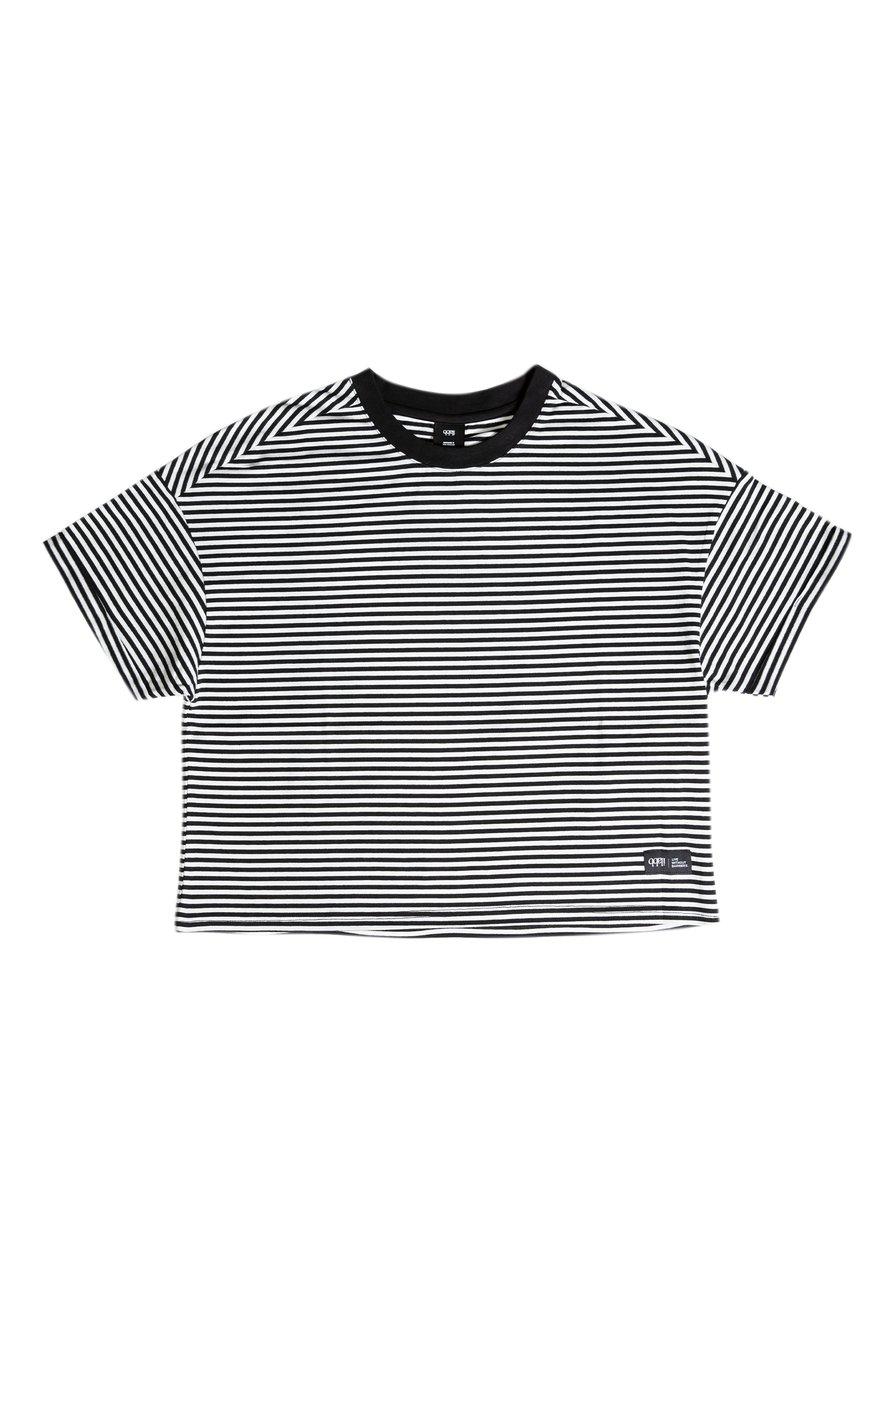 Zero Tee Wms Tシャツ